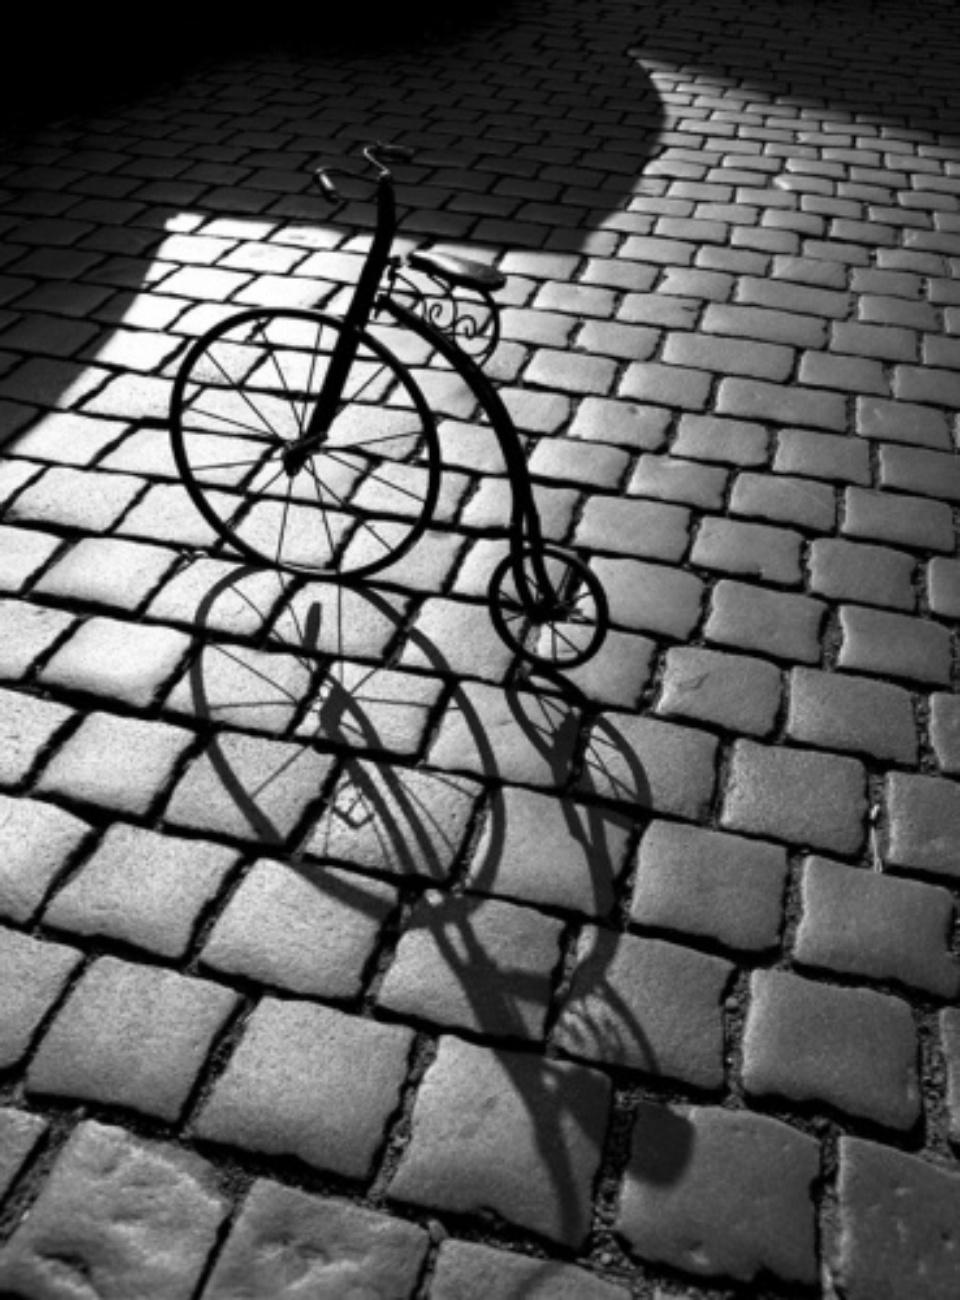 A Small Bike